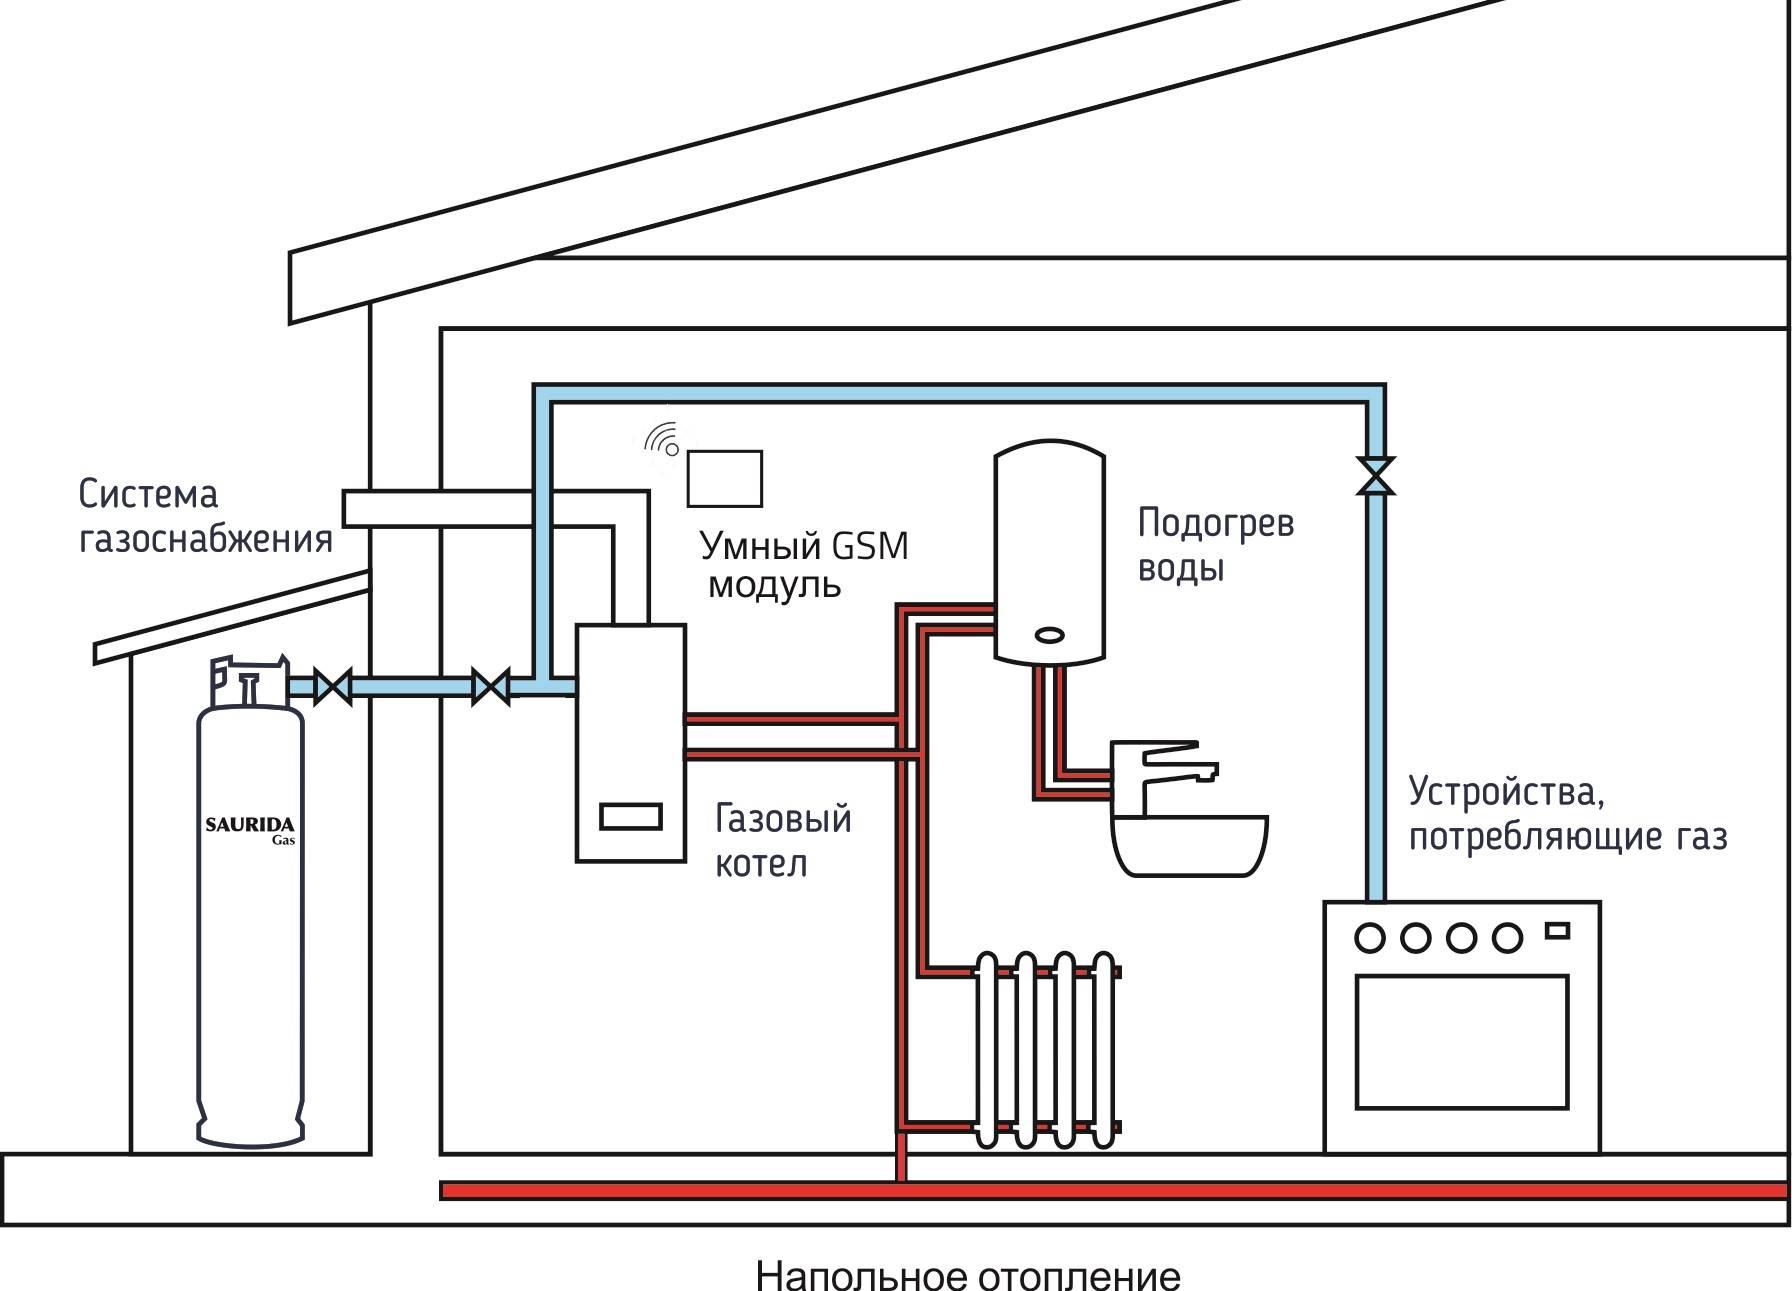 Схема отопления частного дома с газовым котлом и монтаж в квартире своими руками